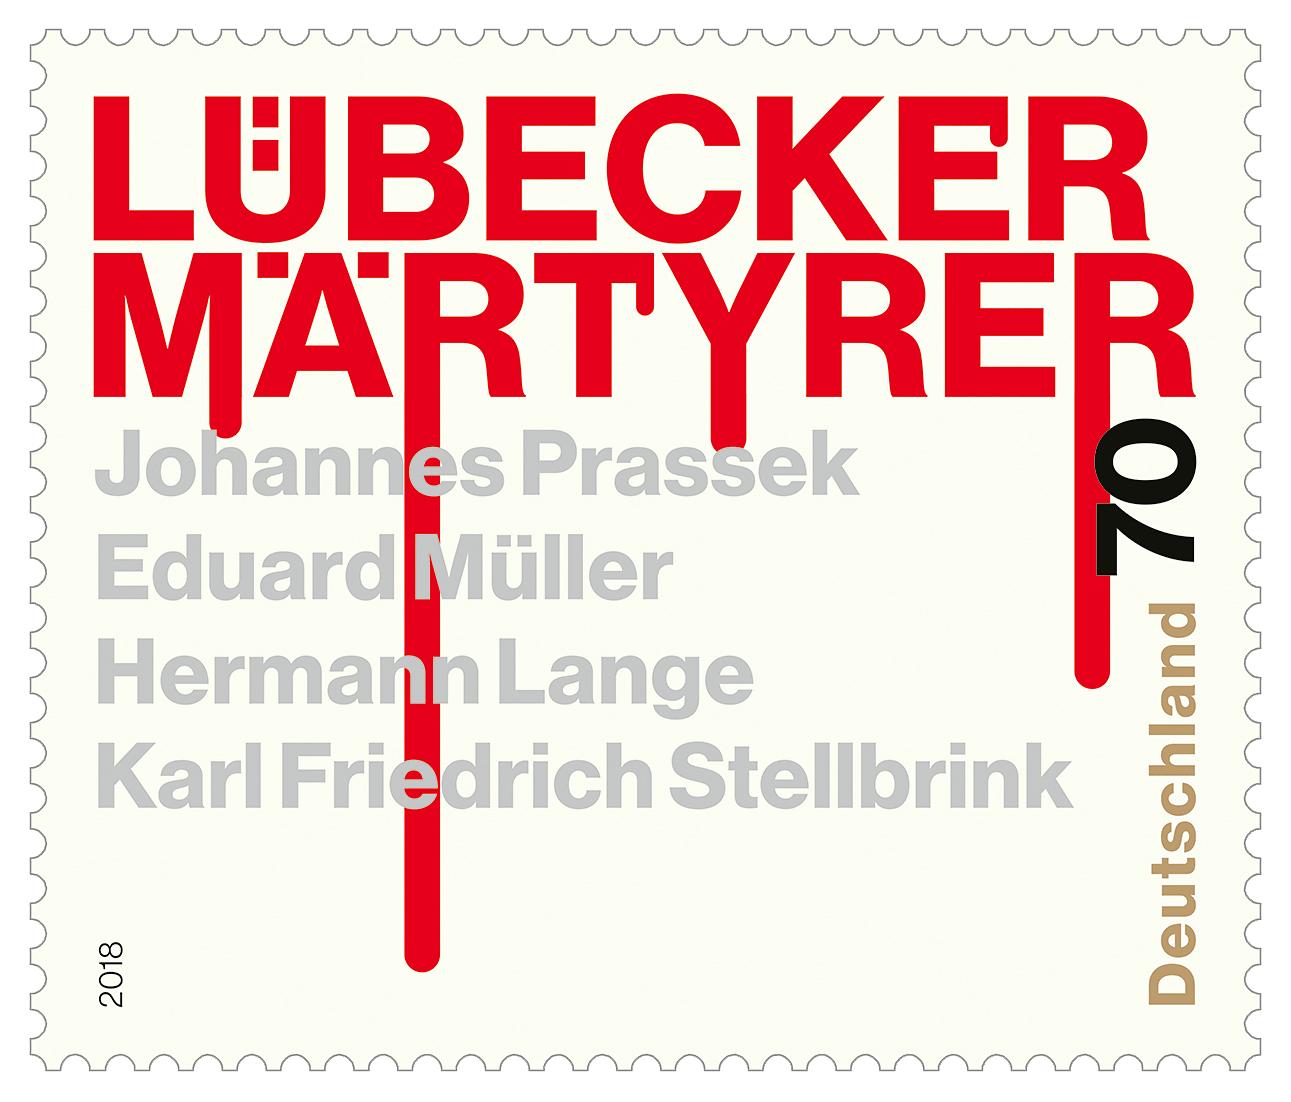 https://www.borek.de/briefmarke-luebecker-maertyrer